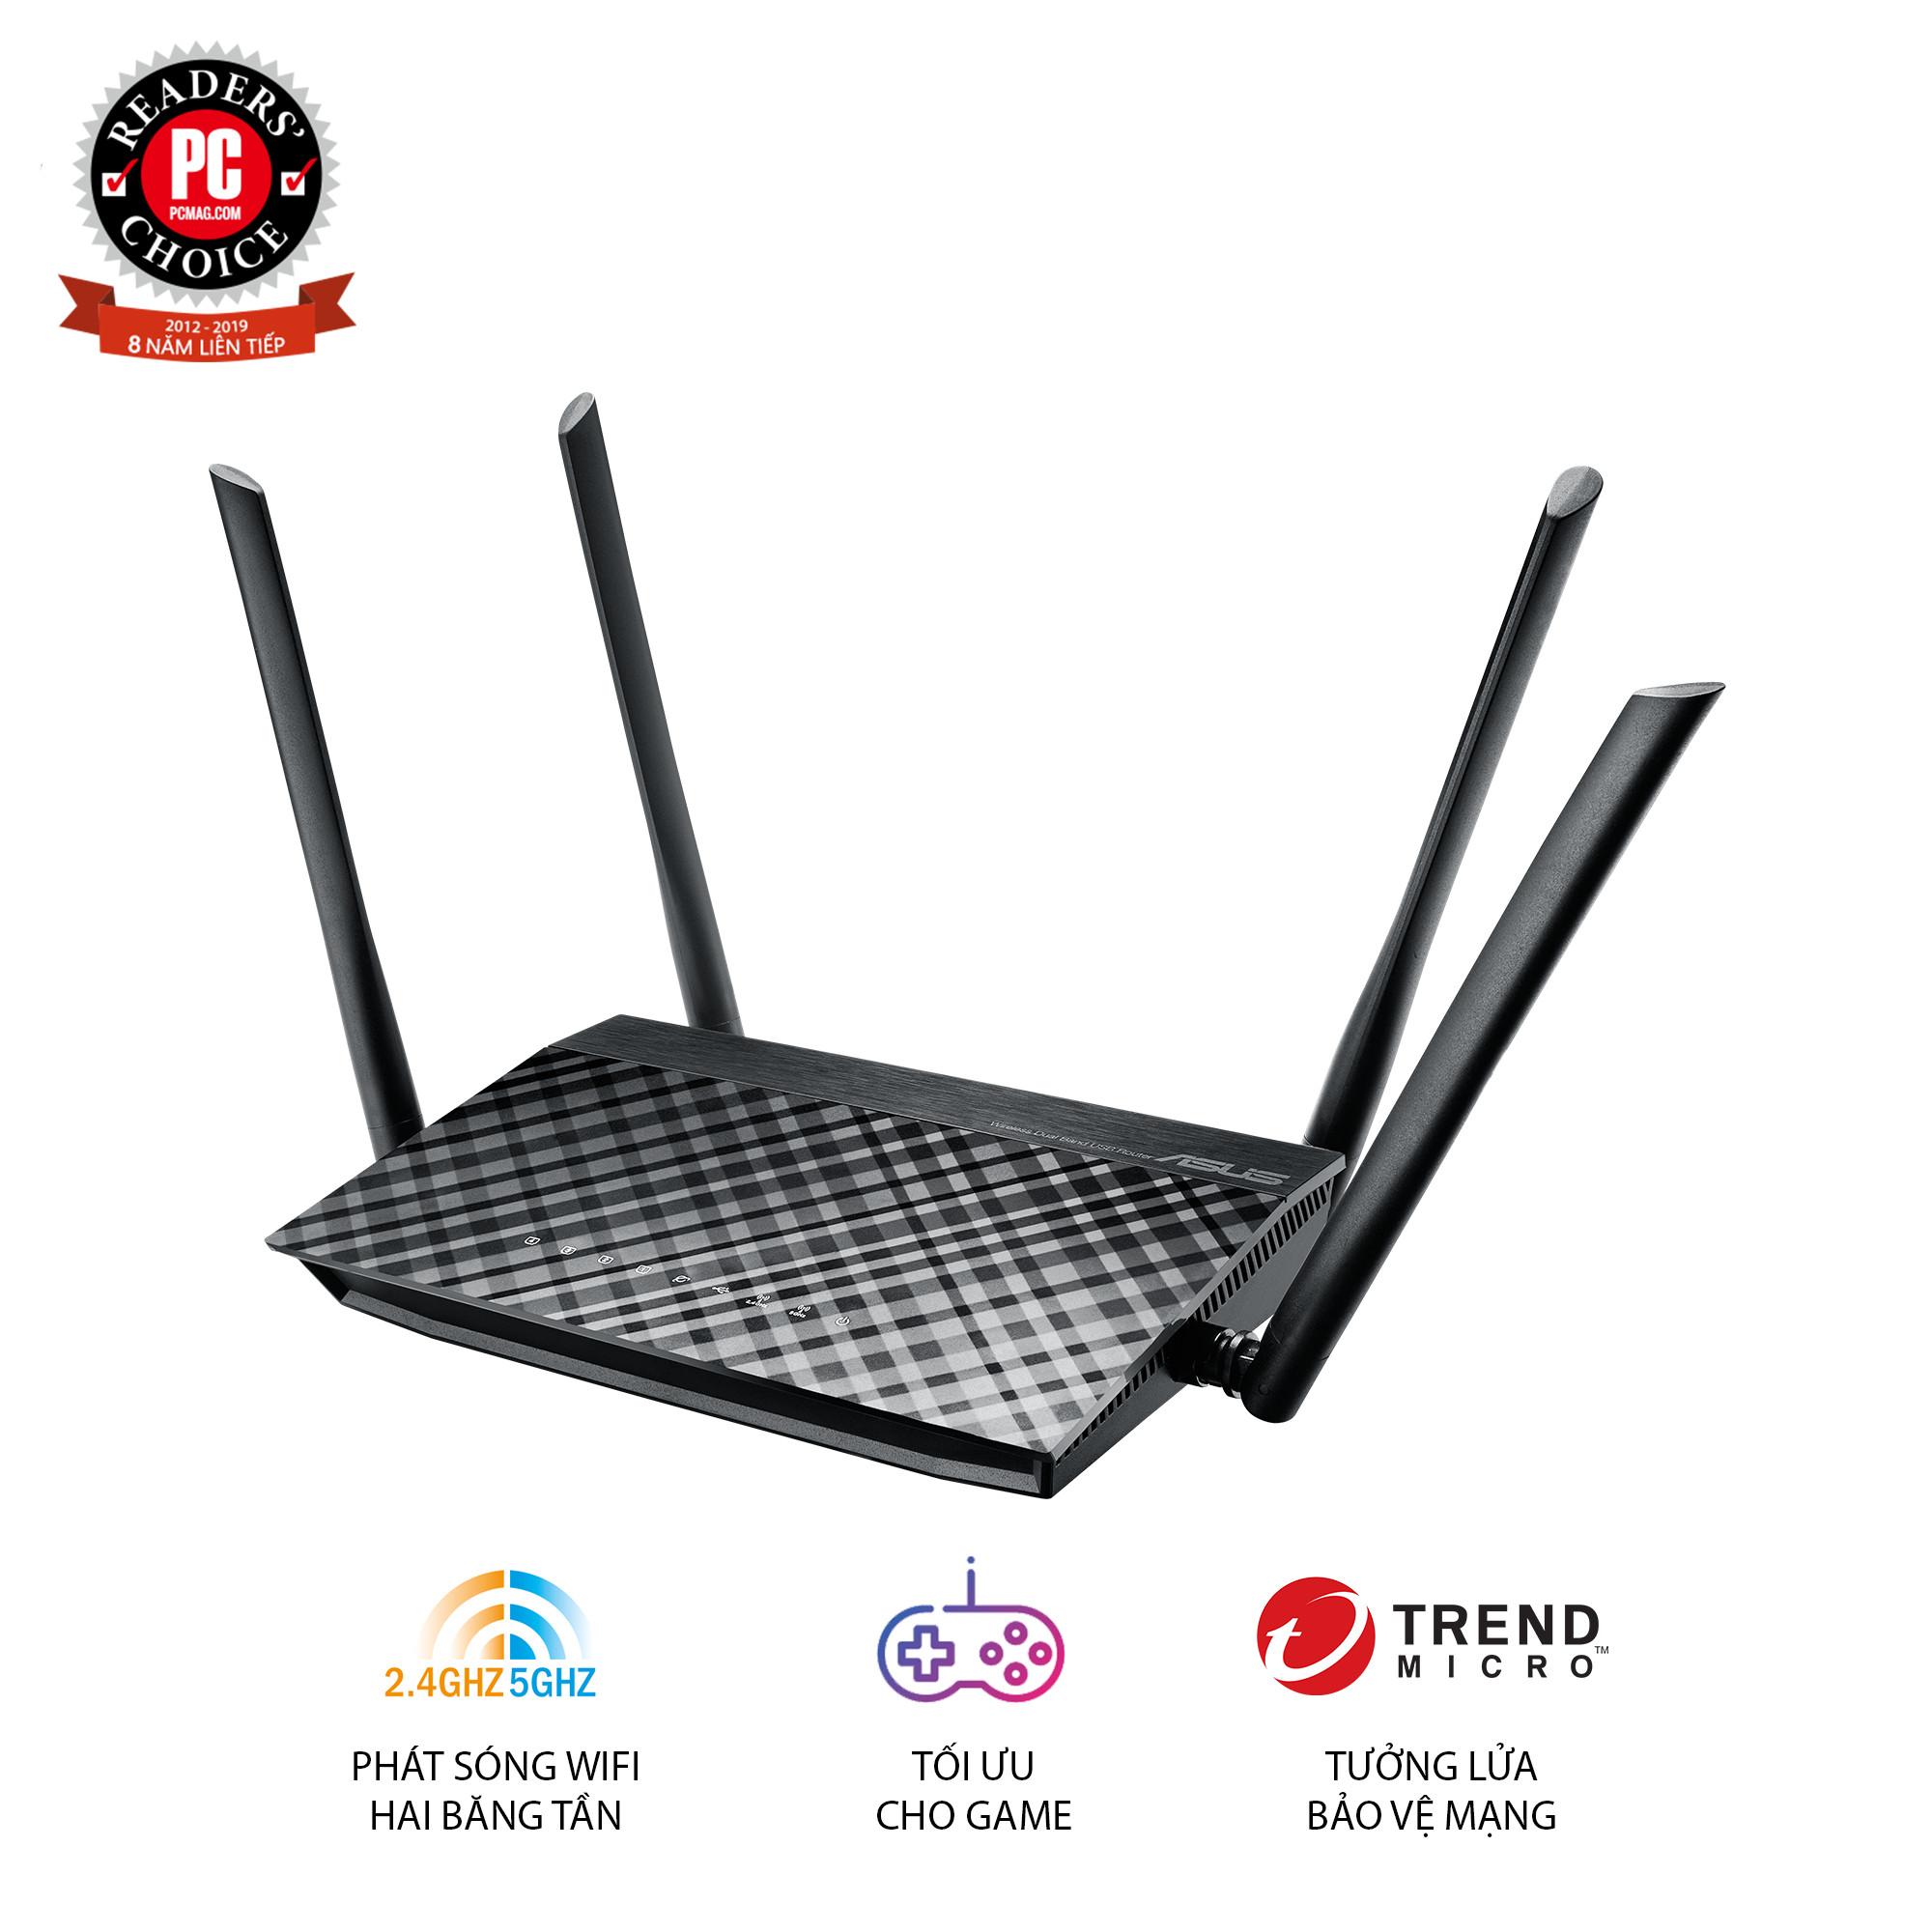 Thiết Bị Phát Wifi Băng Tần Kép 4 ăng-ten Asus RT-AC1200 V2 - Chức năng quản lý dành cho cha mẹ - Hàng Chính Hãng